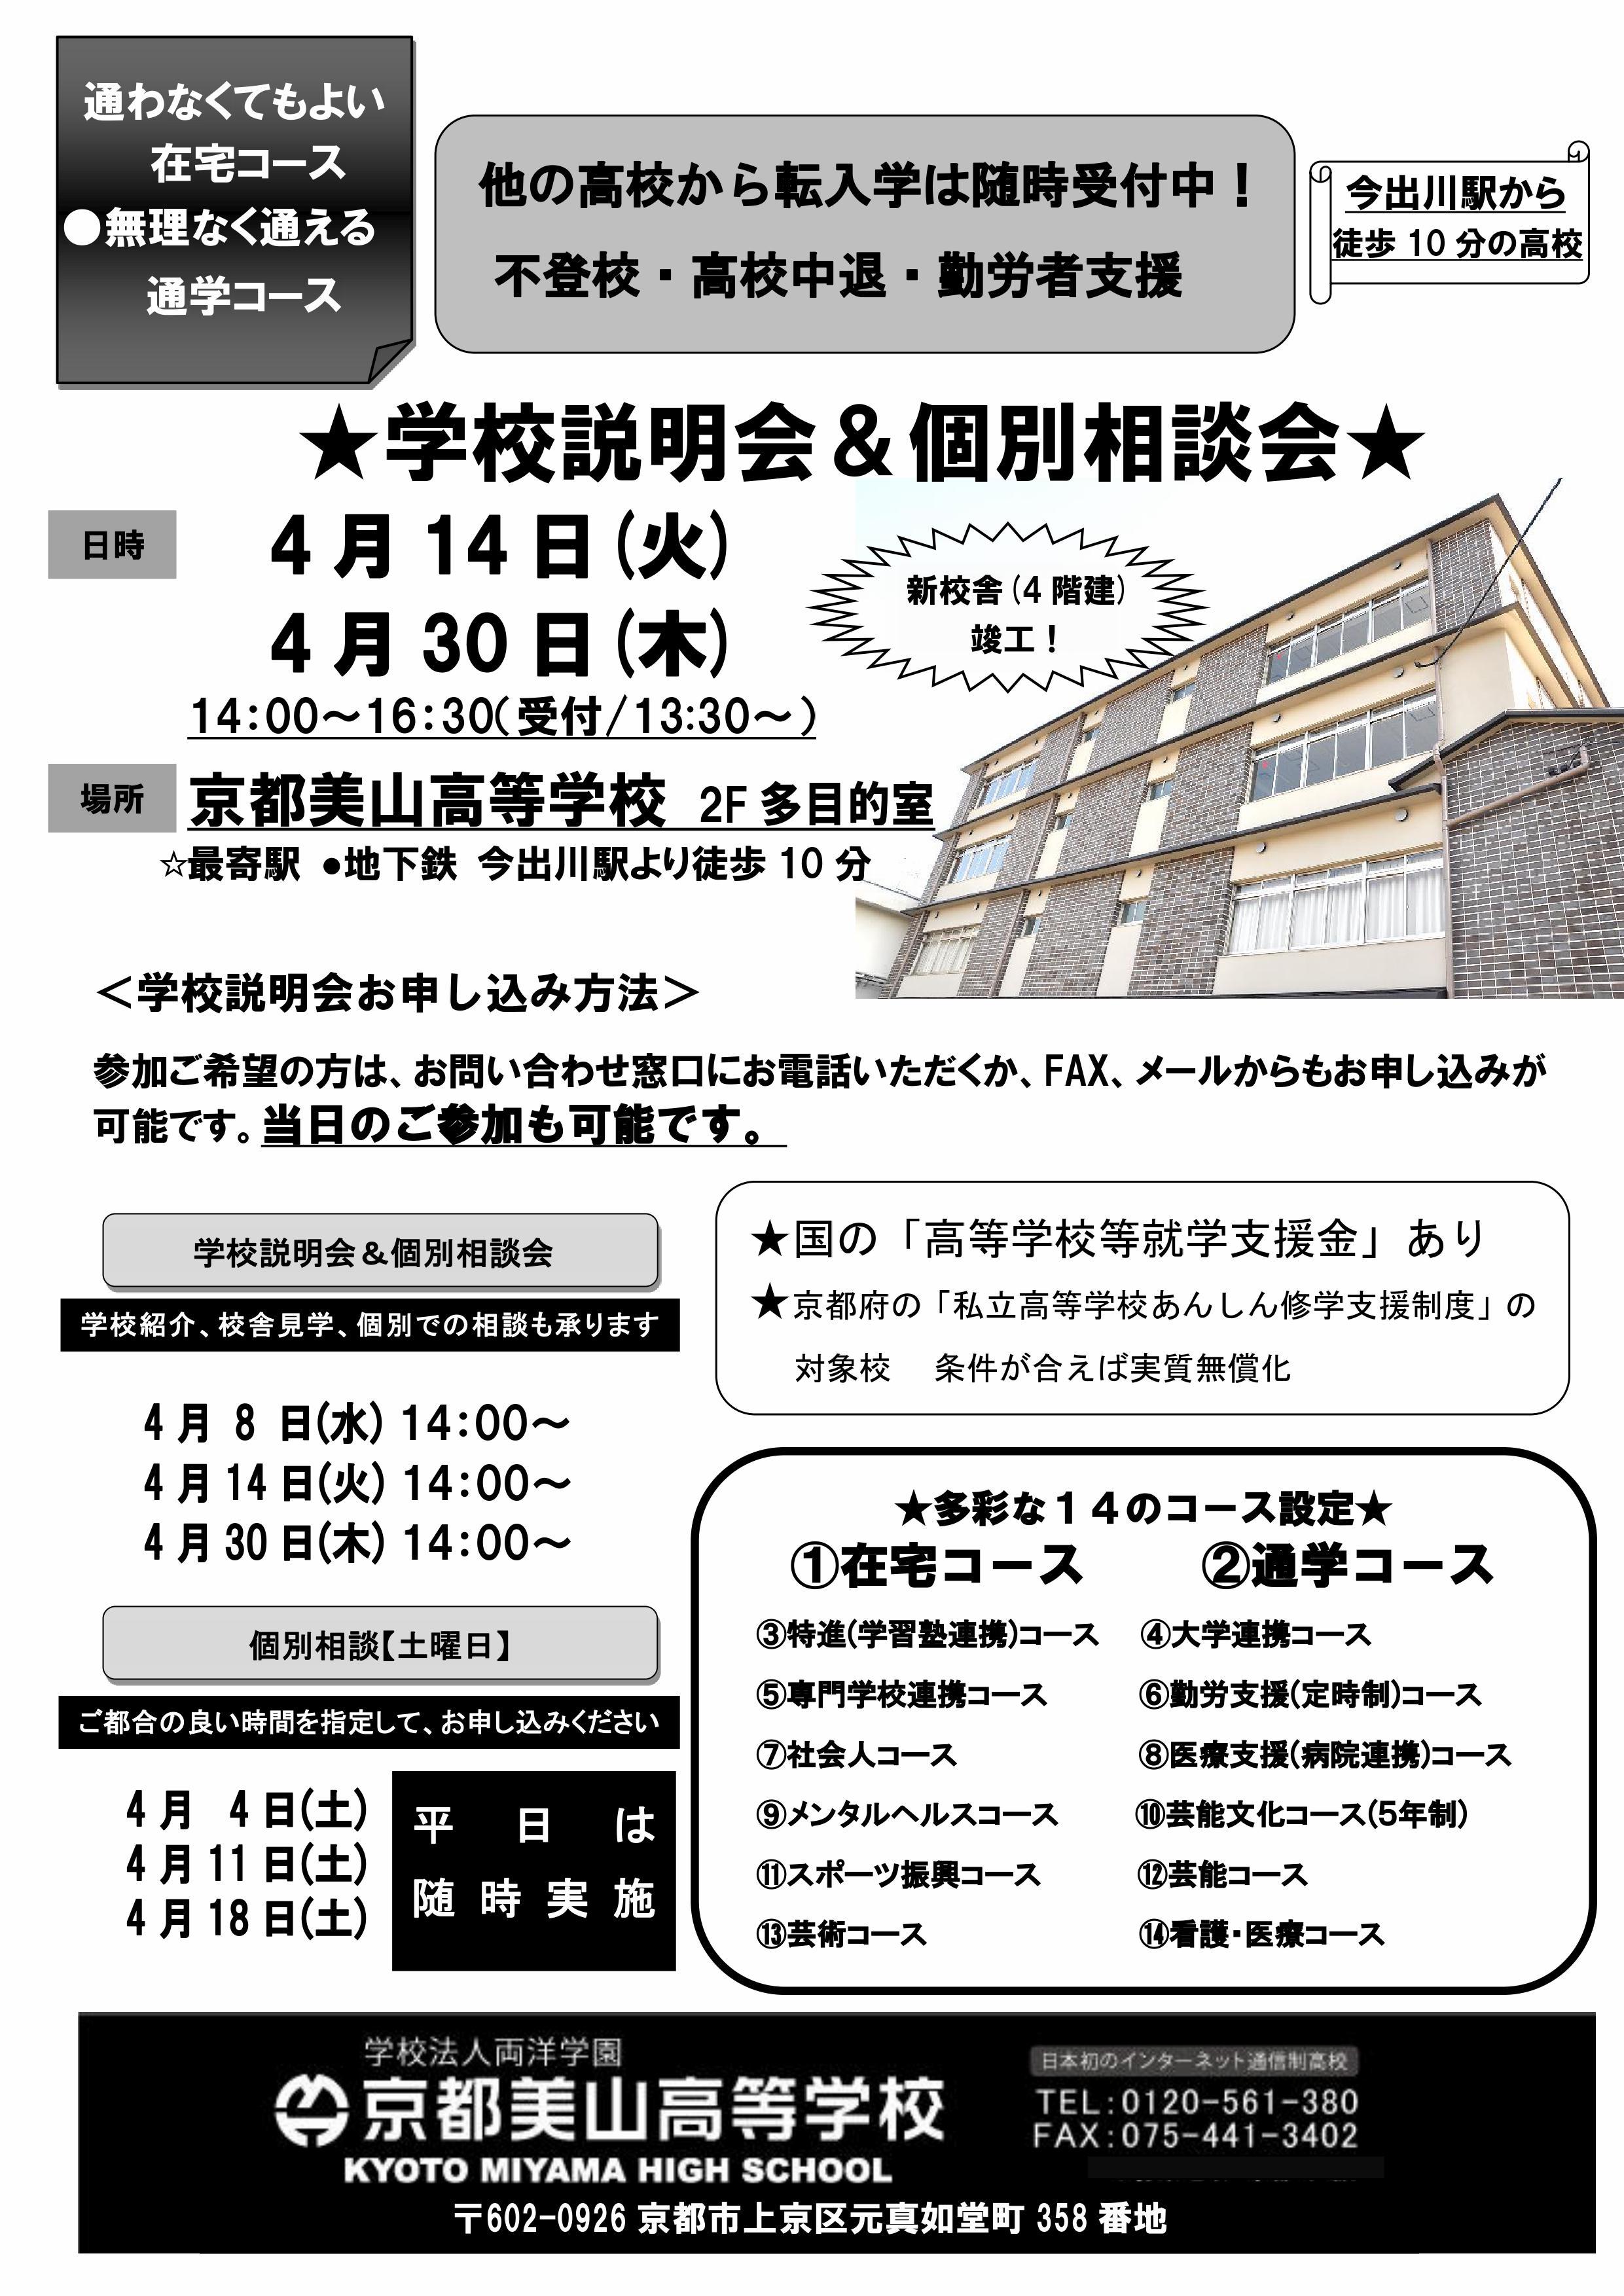 京都・大阪で募集!不登校・勤労者支援の京都美山高校インターネット通信制|通学コース・社会人コースも|転校可  ブログ15